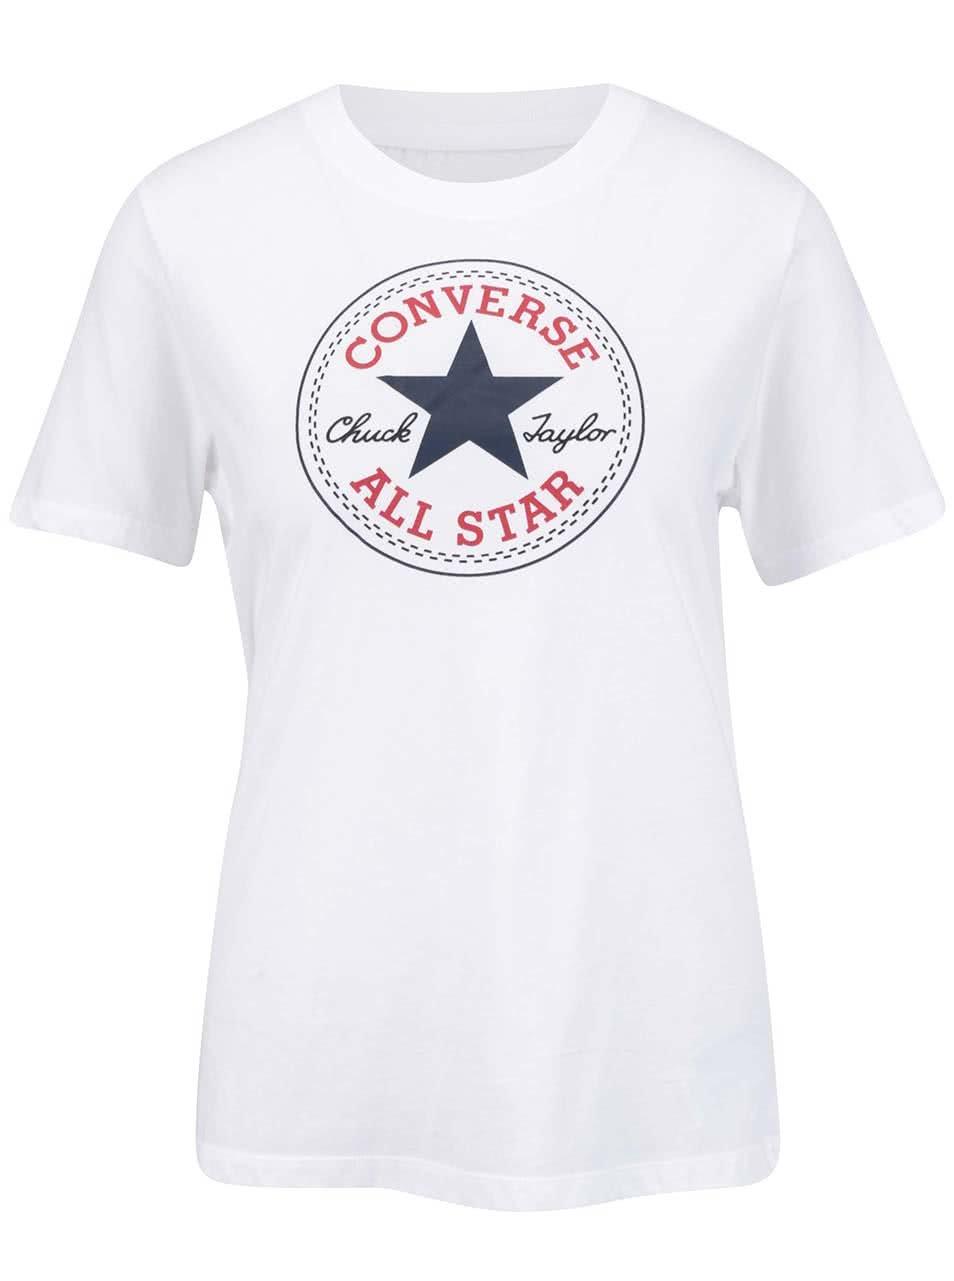 Bílé dámské tričko s logem Converse Core ... 6543cc4072